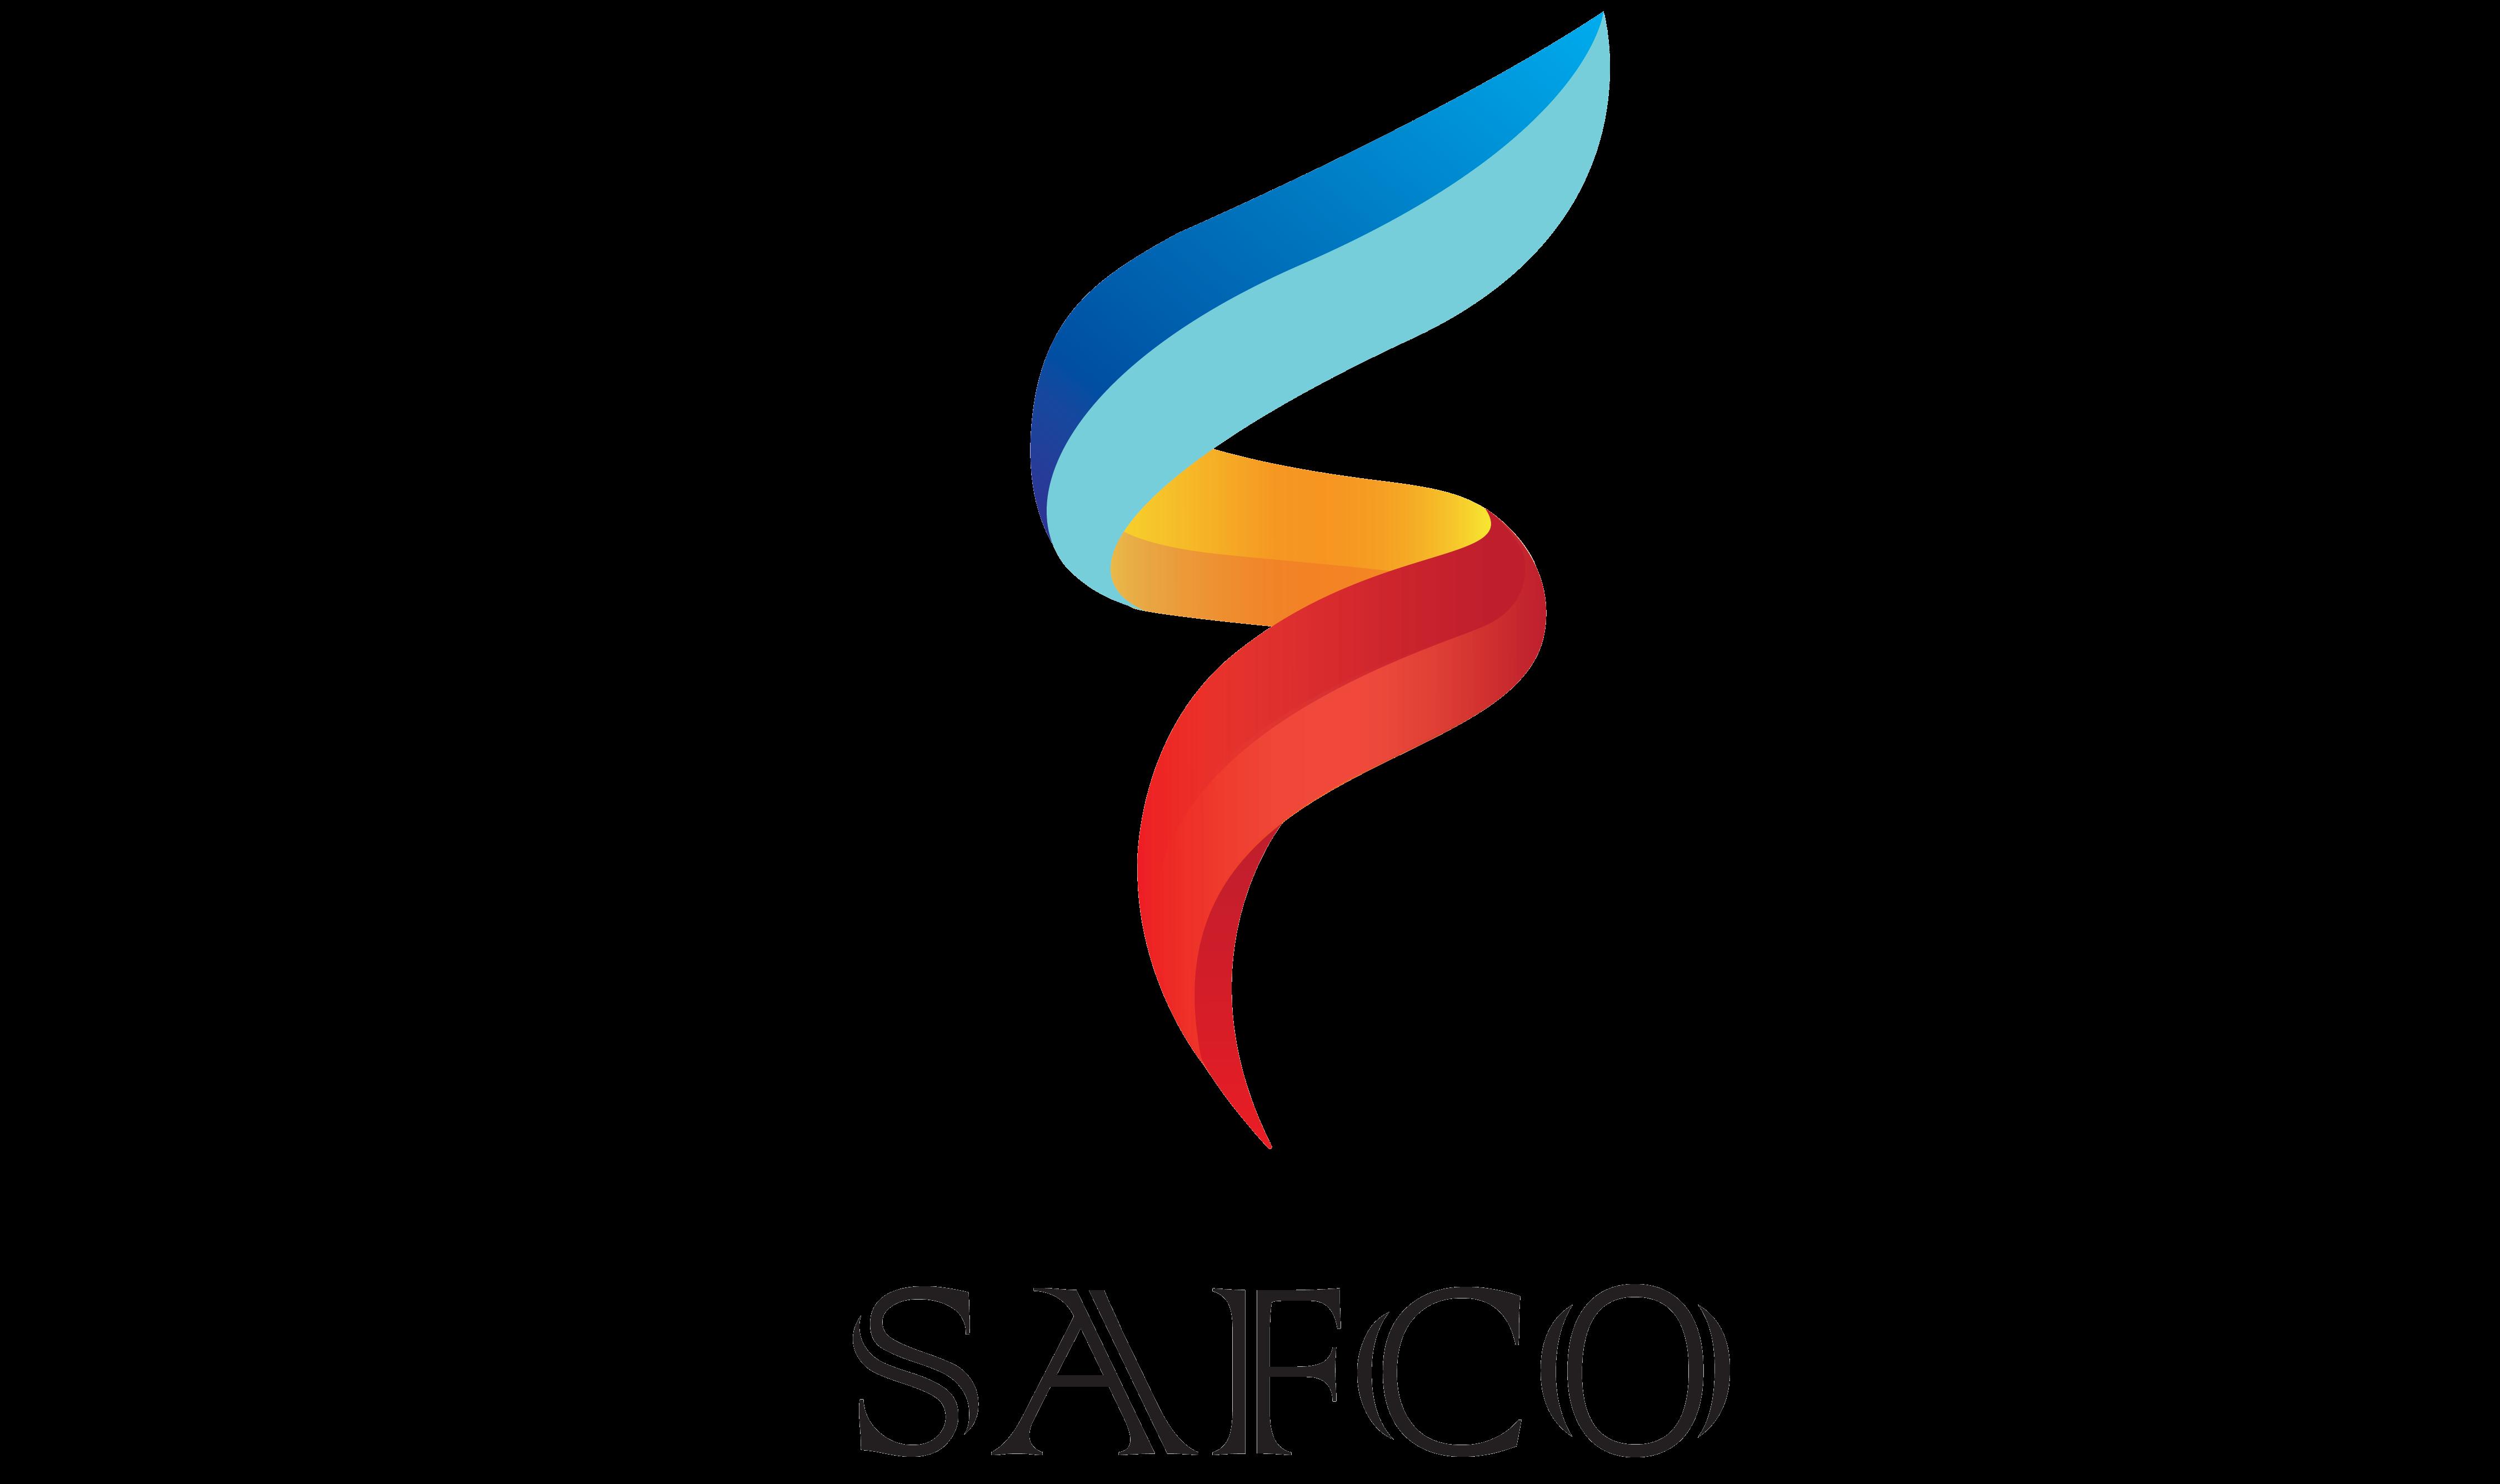 SAFCO